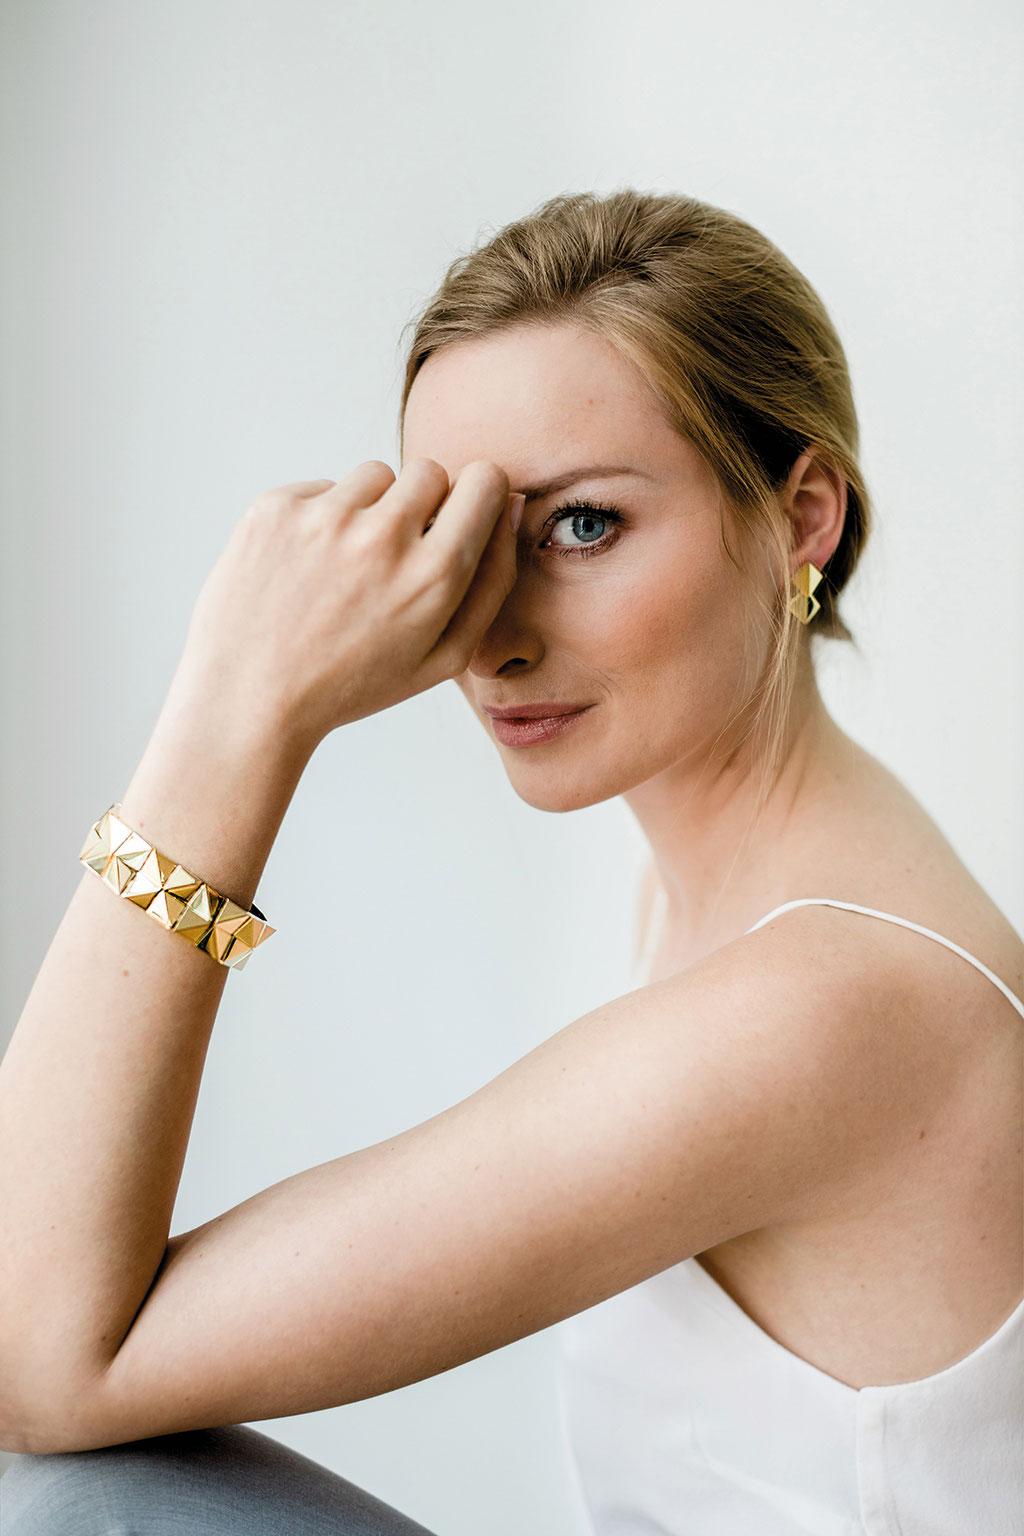 Armband aus 18 karat Gelbgold 10.400 Euro, Foto: Theresa Pewal